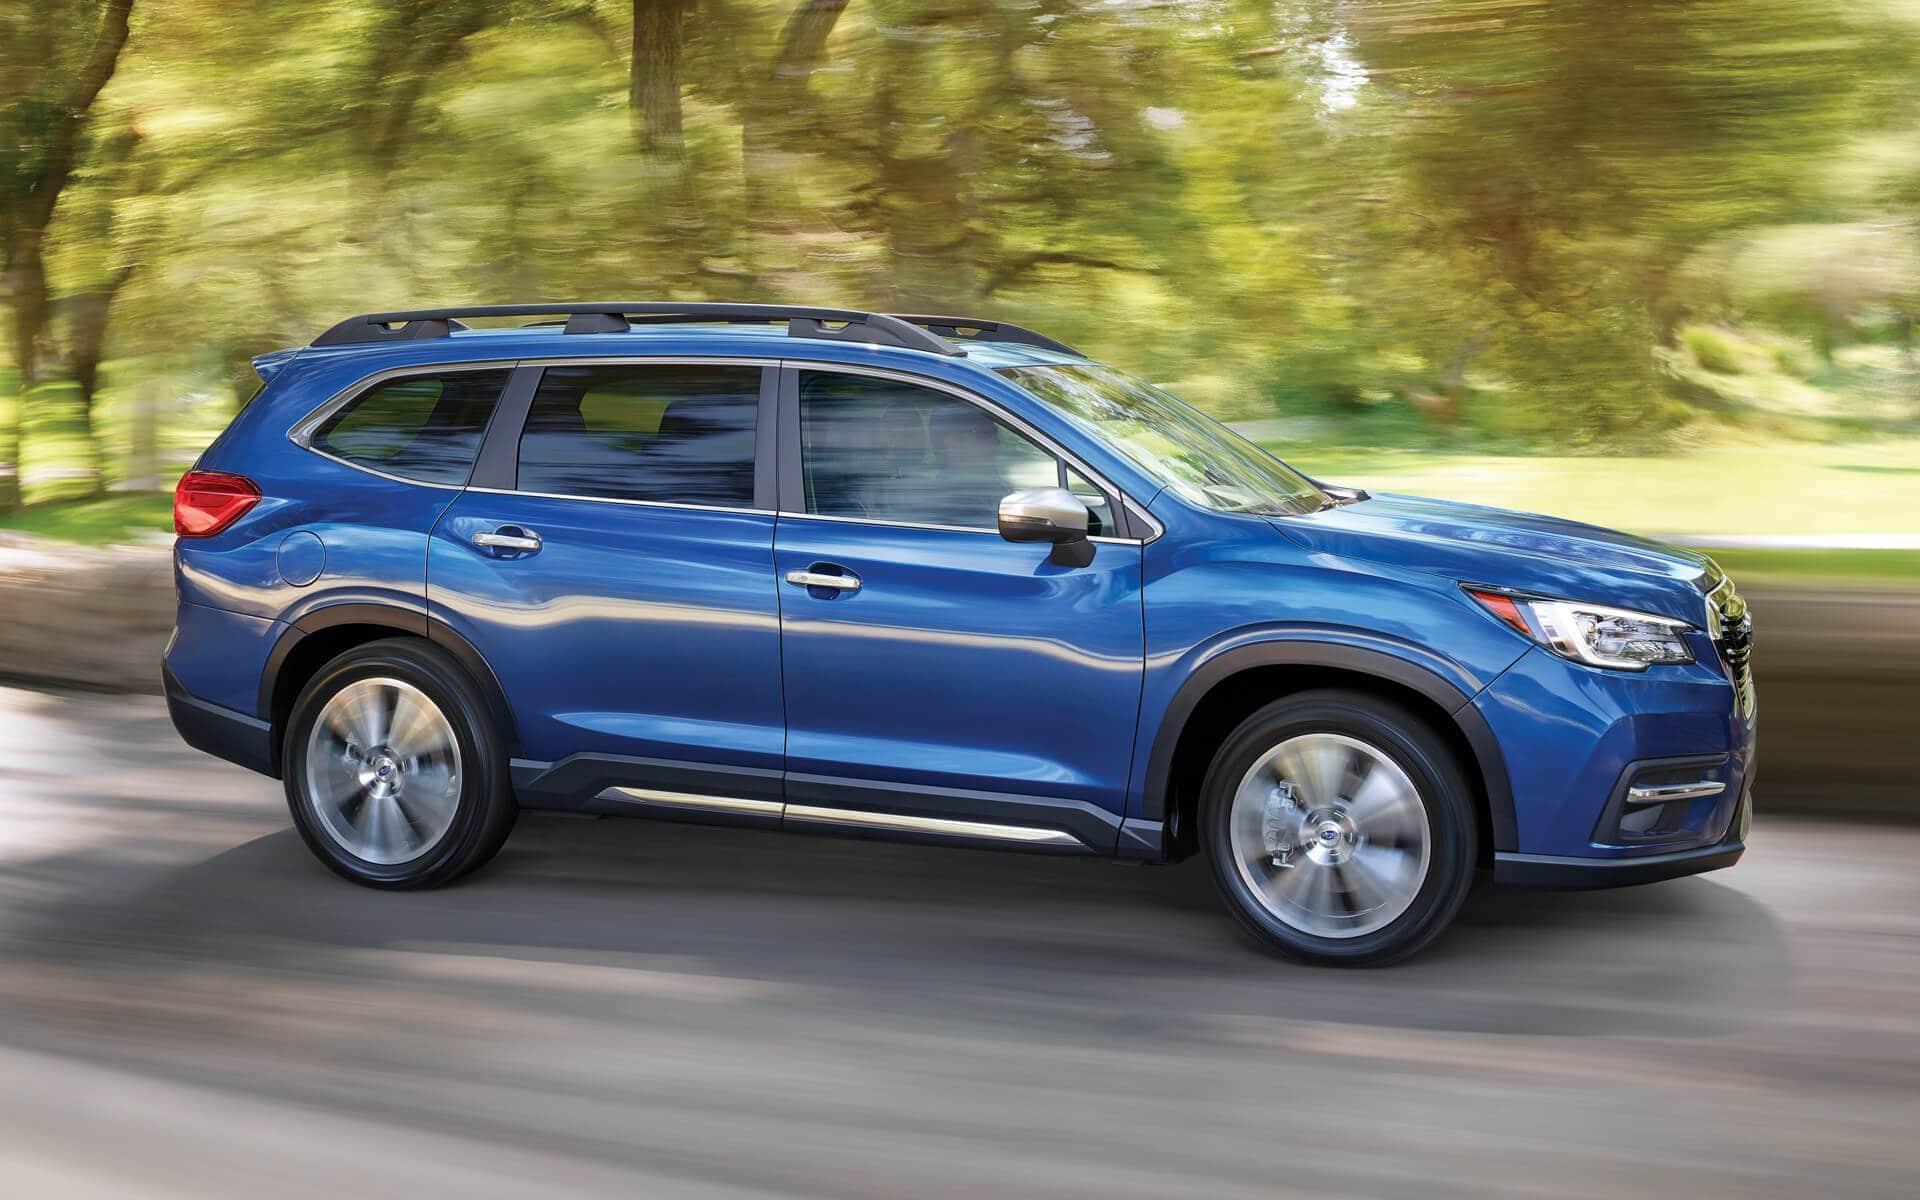 86 Best Review 2020 Subaru Ascent Images by 2020 Subaru Ascent